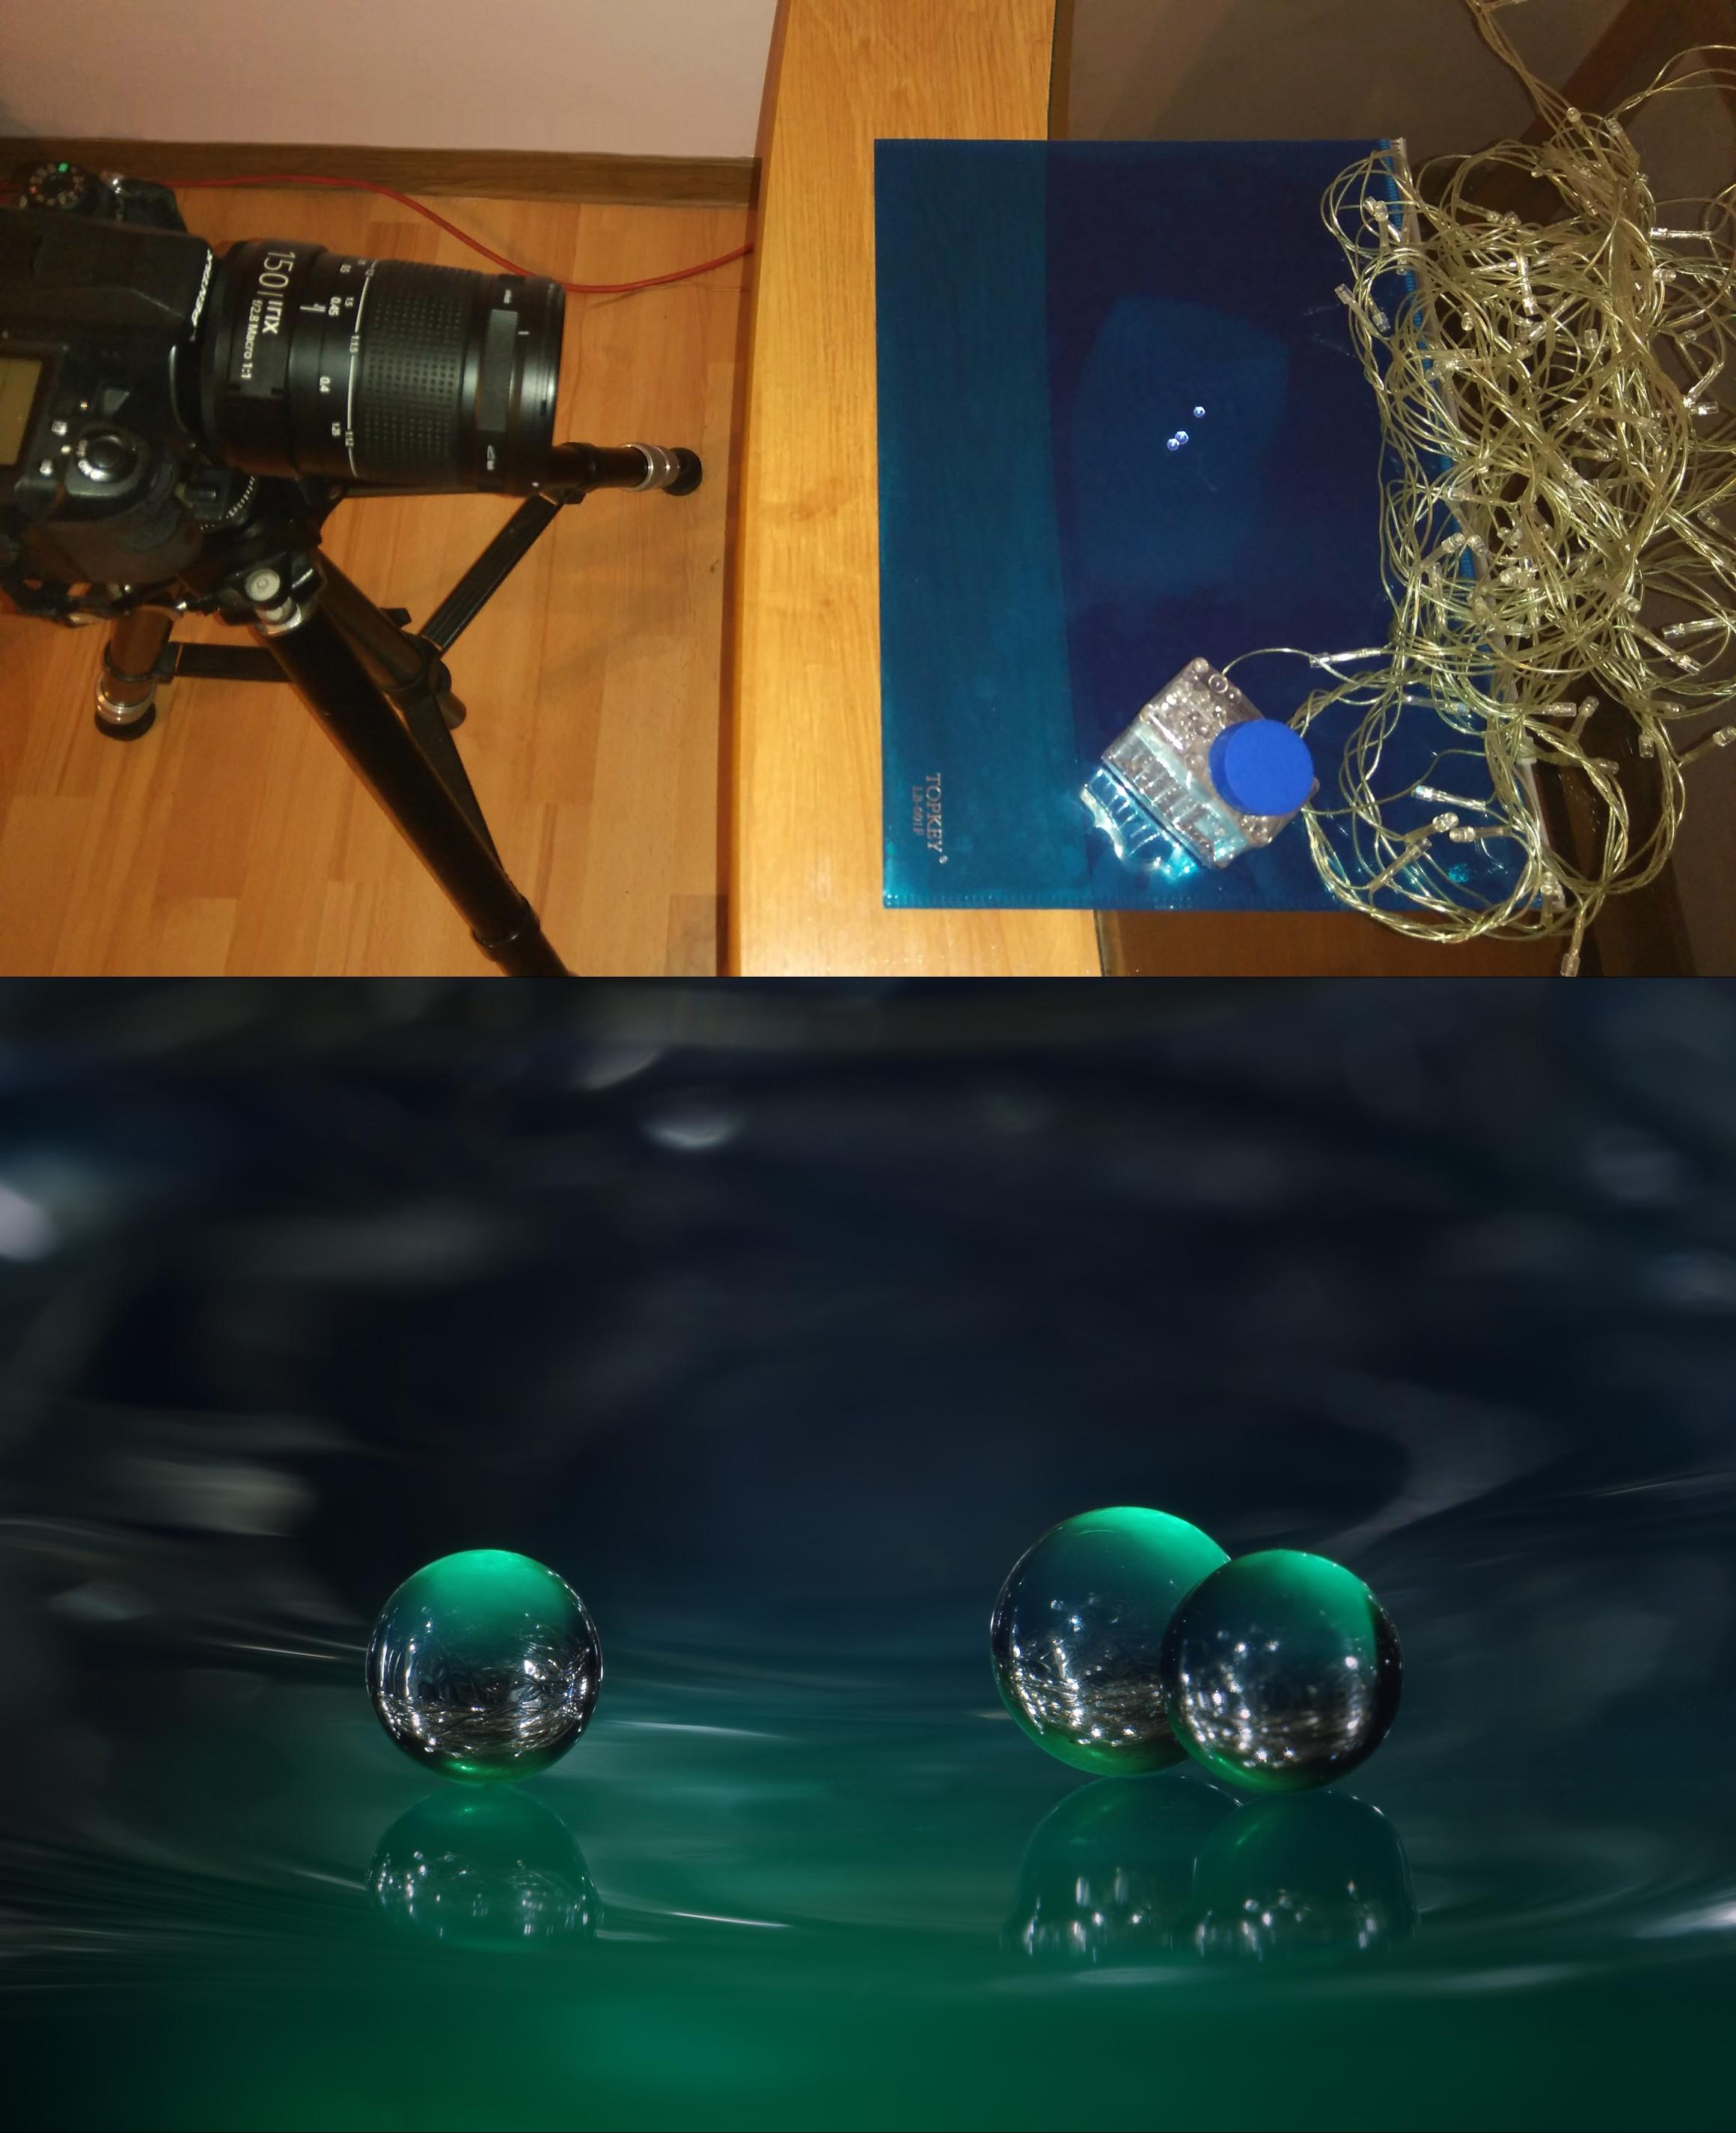 2ed58612b1d5c Jednym z nich to ledowe lampki choinkowe